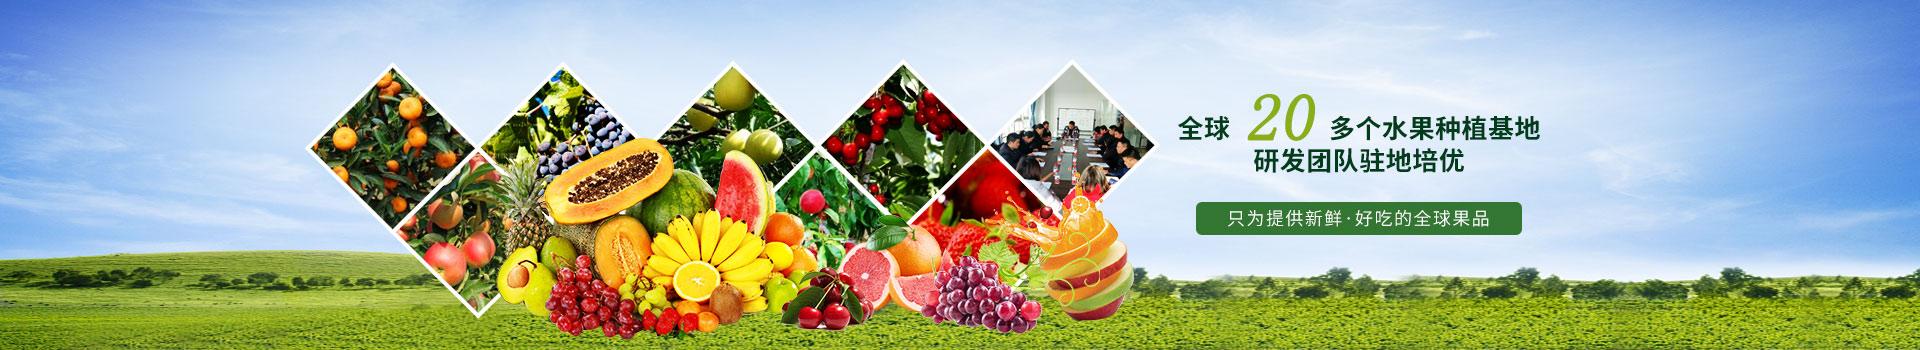 金泉果业全球20多个水果种植基地  专业研发团队基地培优